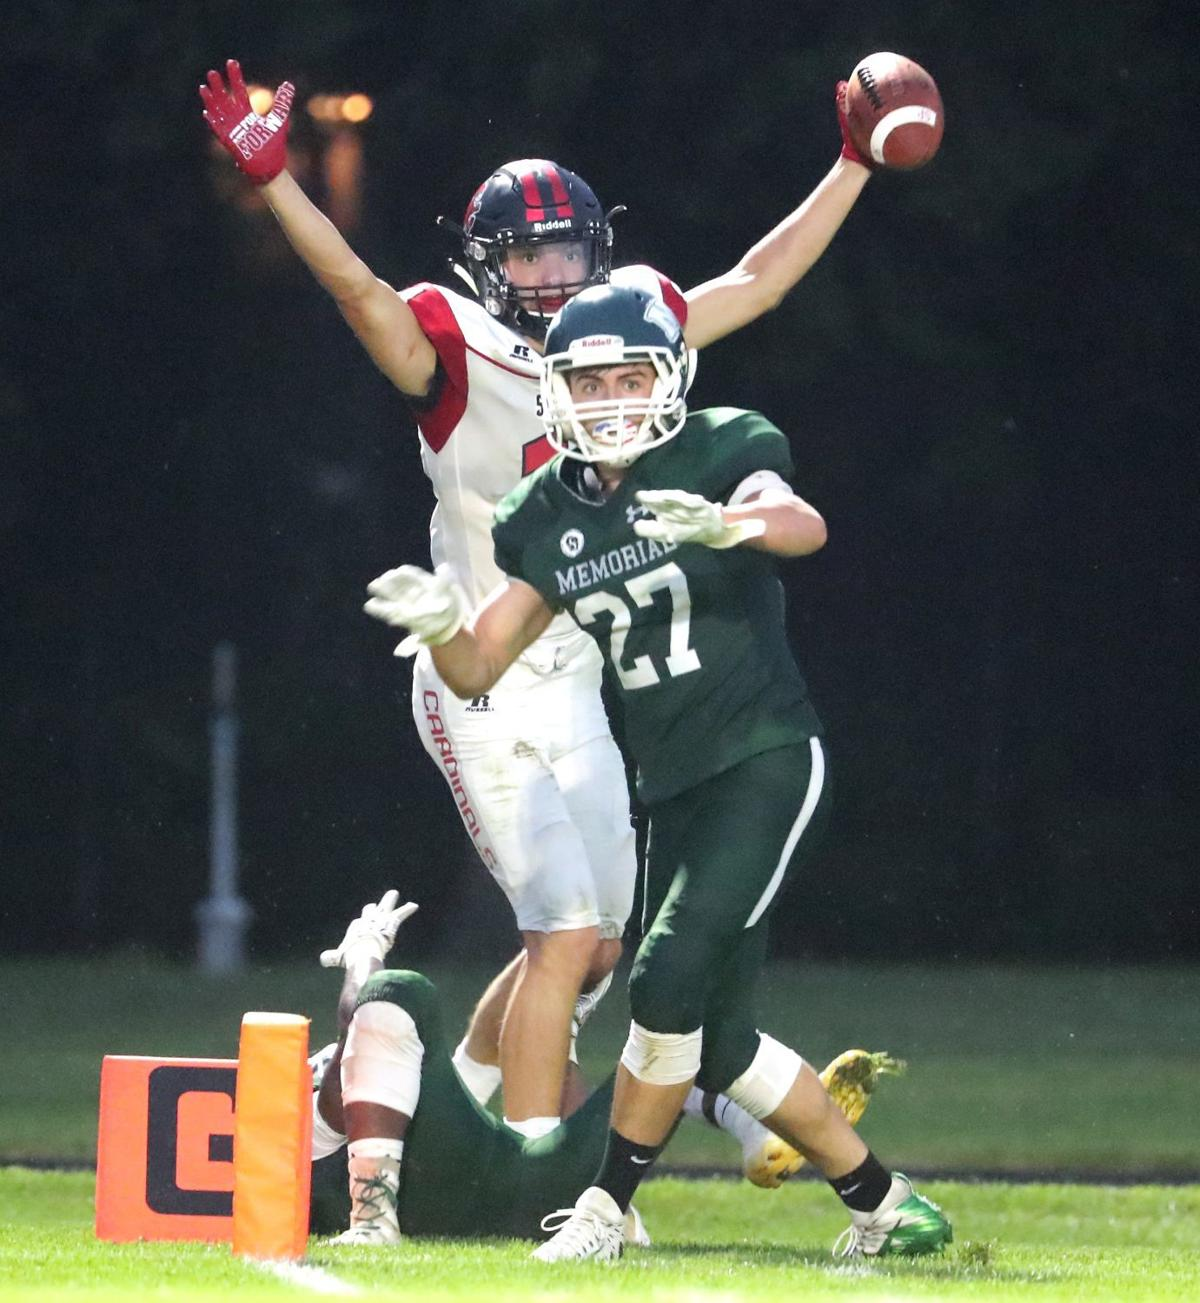 Prep football photo: Sun Prairie's Cooper Nelson makes a touchdown catch